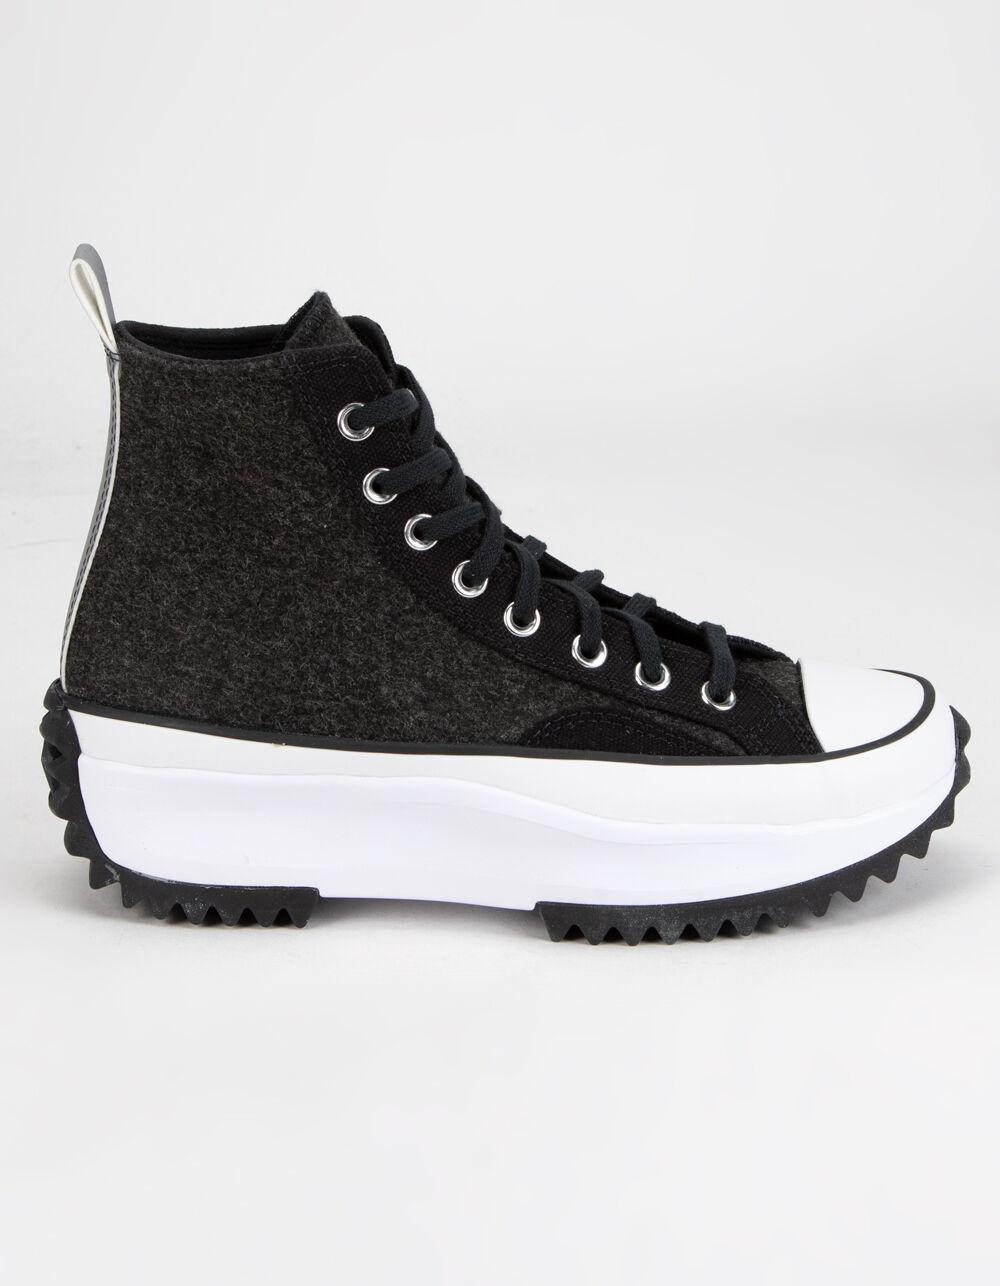 CONVERSE Run Star Hike High Top Shoes